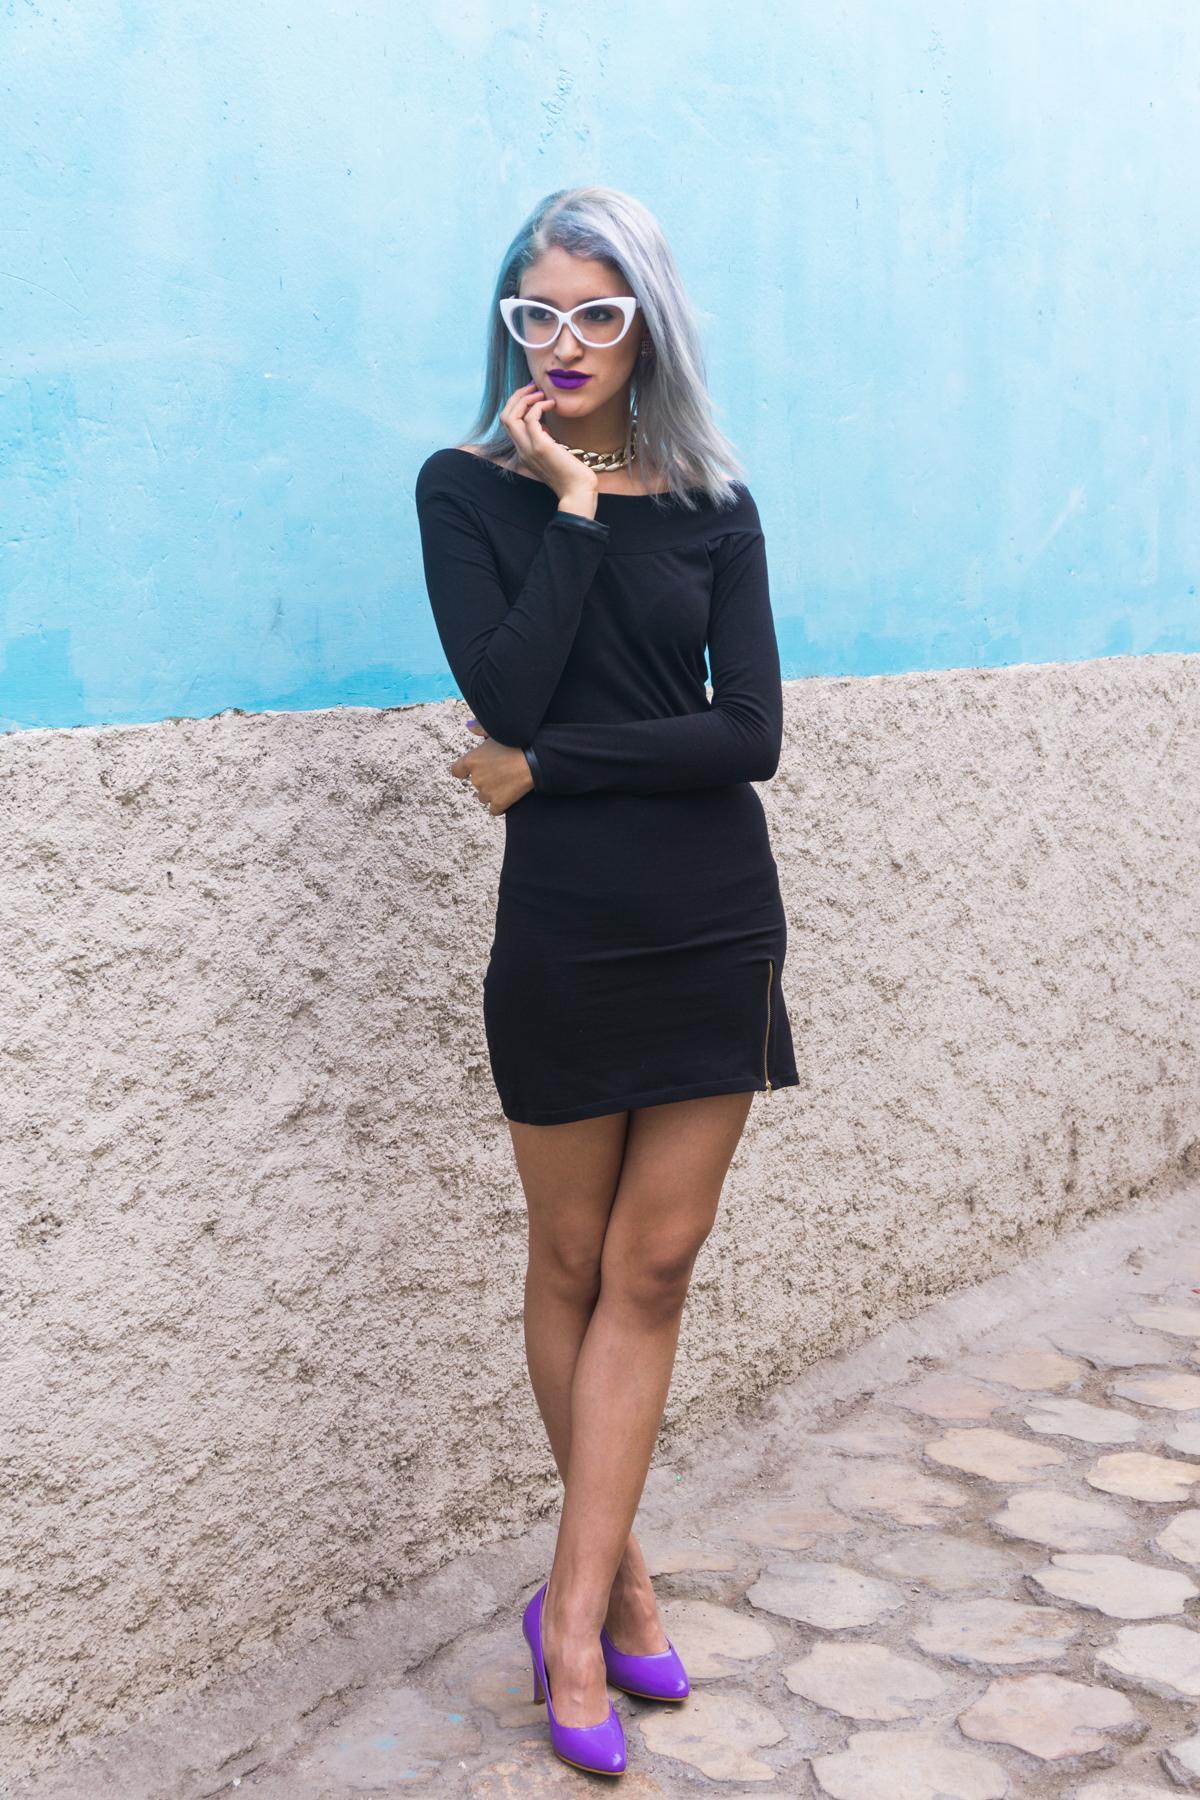 Vestido negro y stilletos lilas delilac  (5)